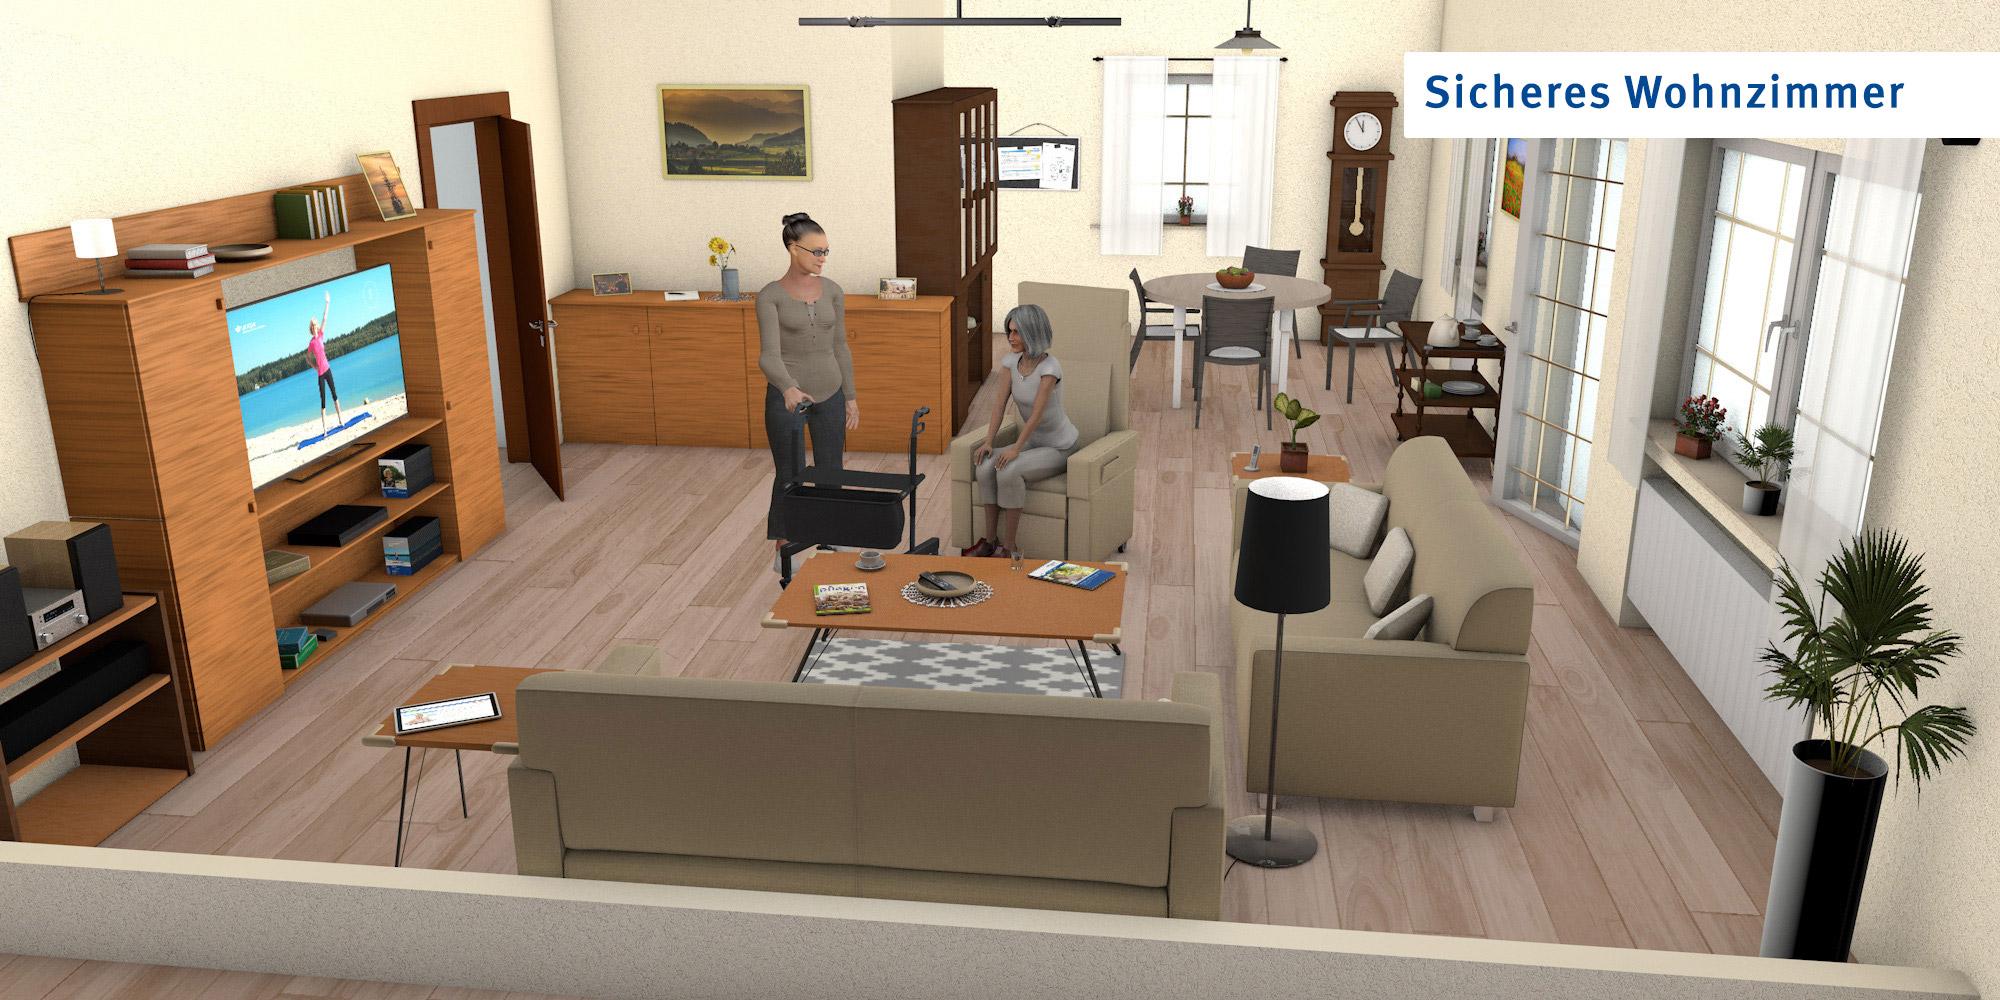 Wohnzimmer - optimierte Version